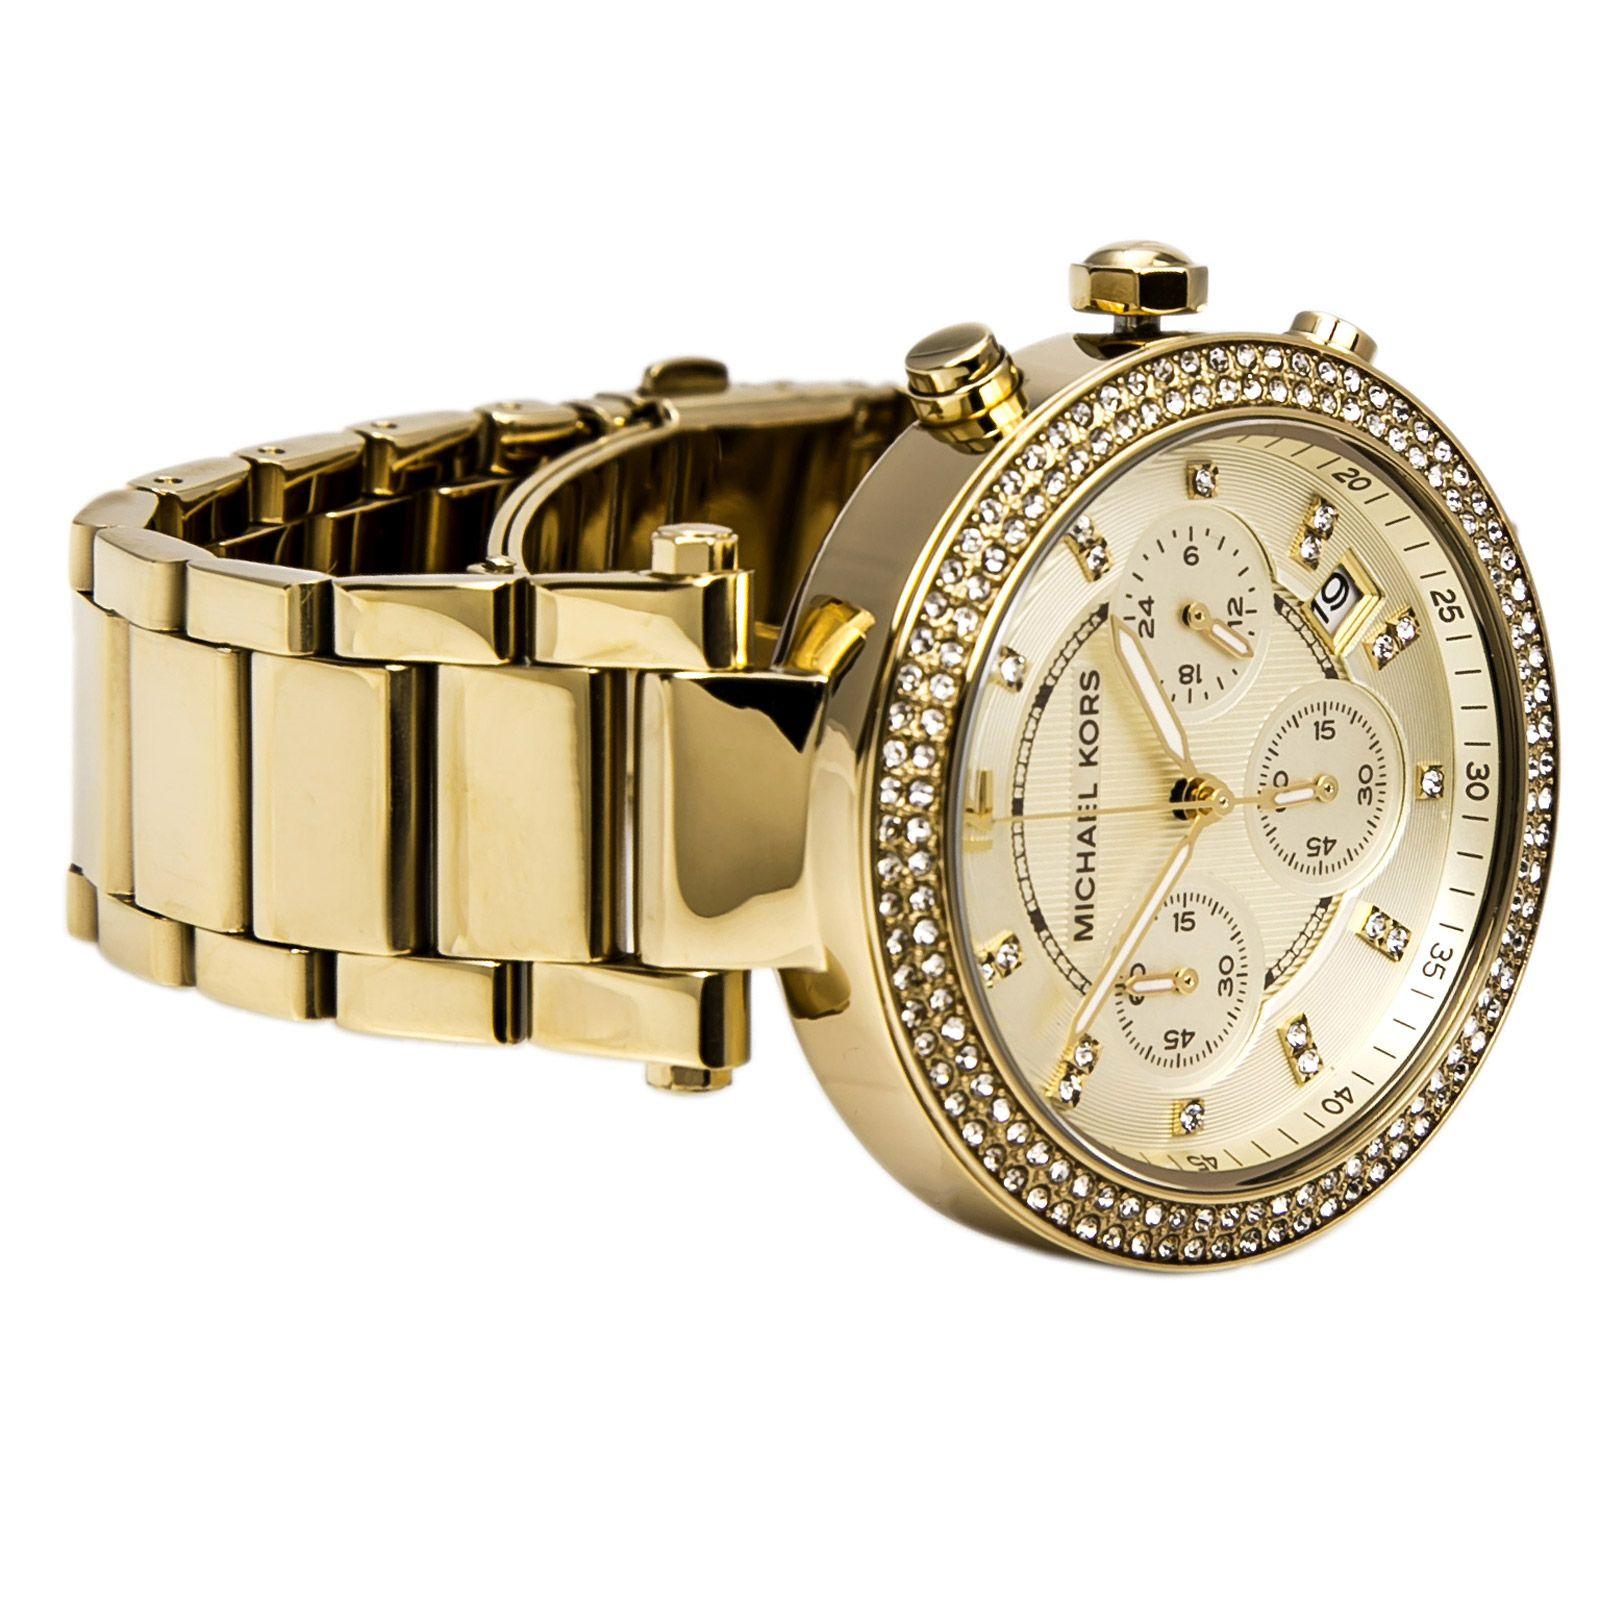 Đồng hồ Michael Kors MK5354 cho nữ 2